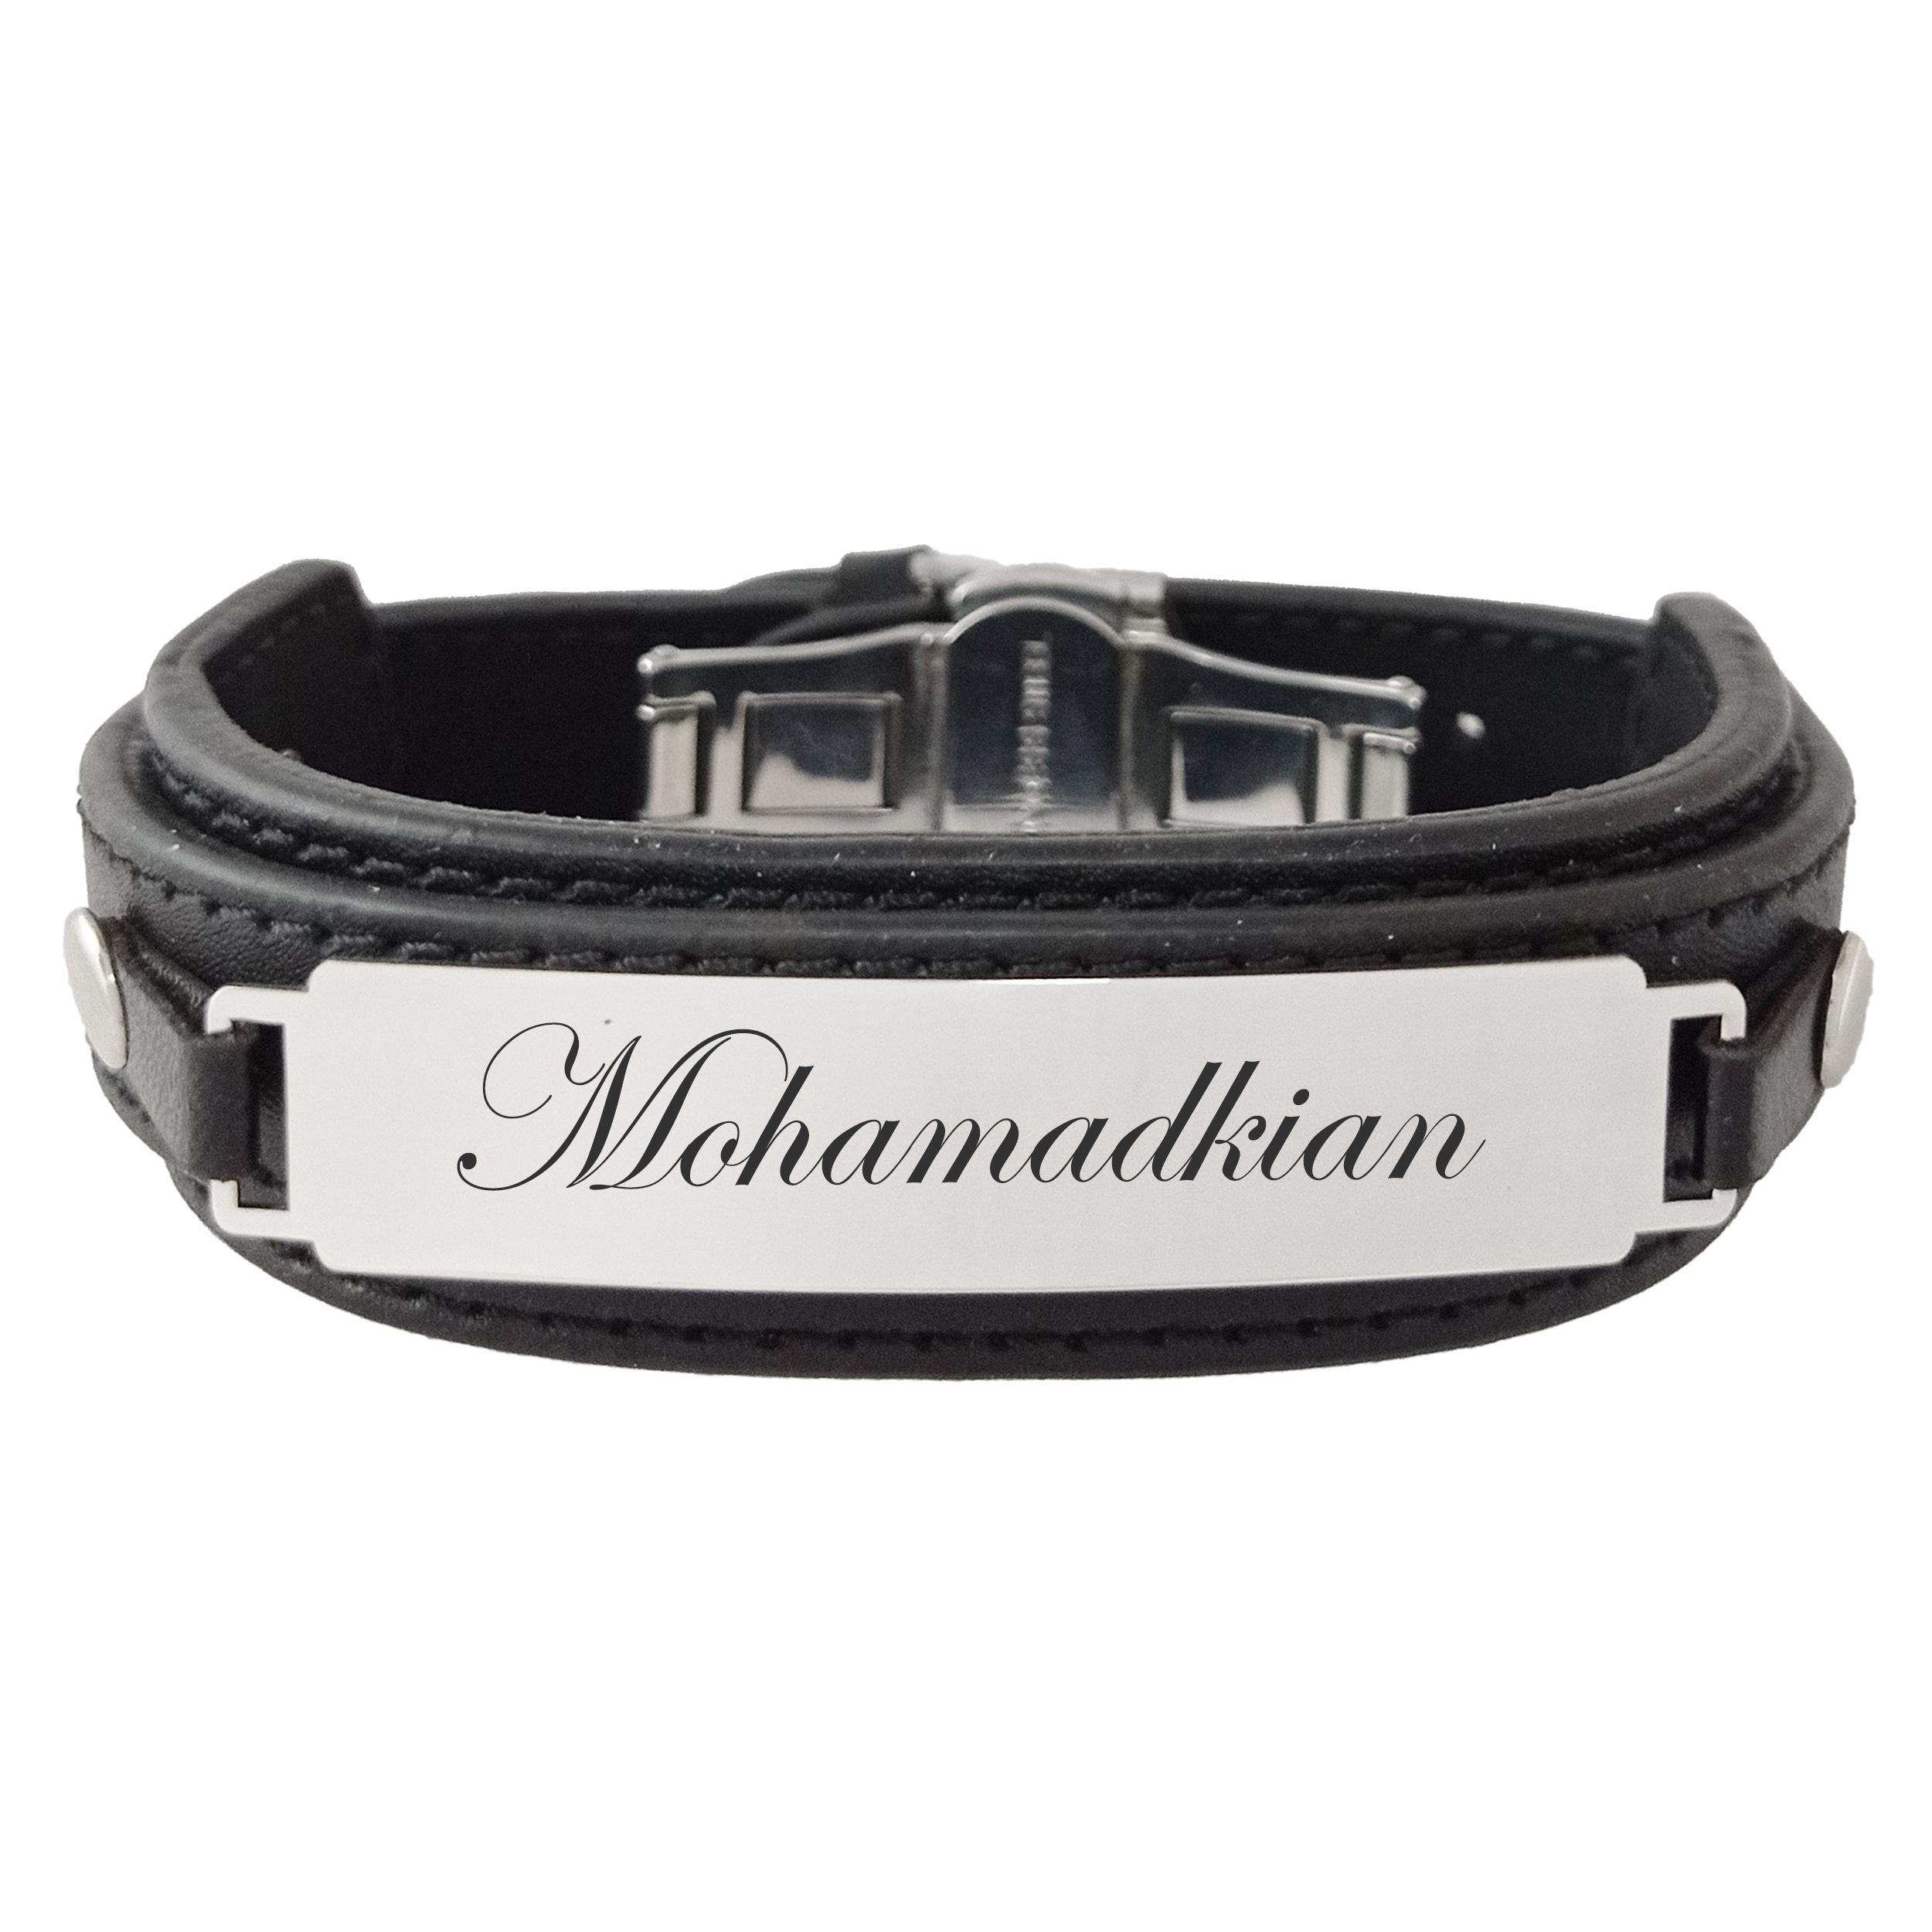 دستبند مردانه ترمه ۱ مدل محمدکیان کد Sam 970